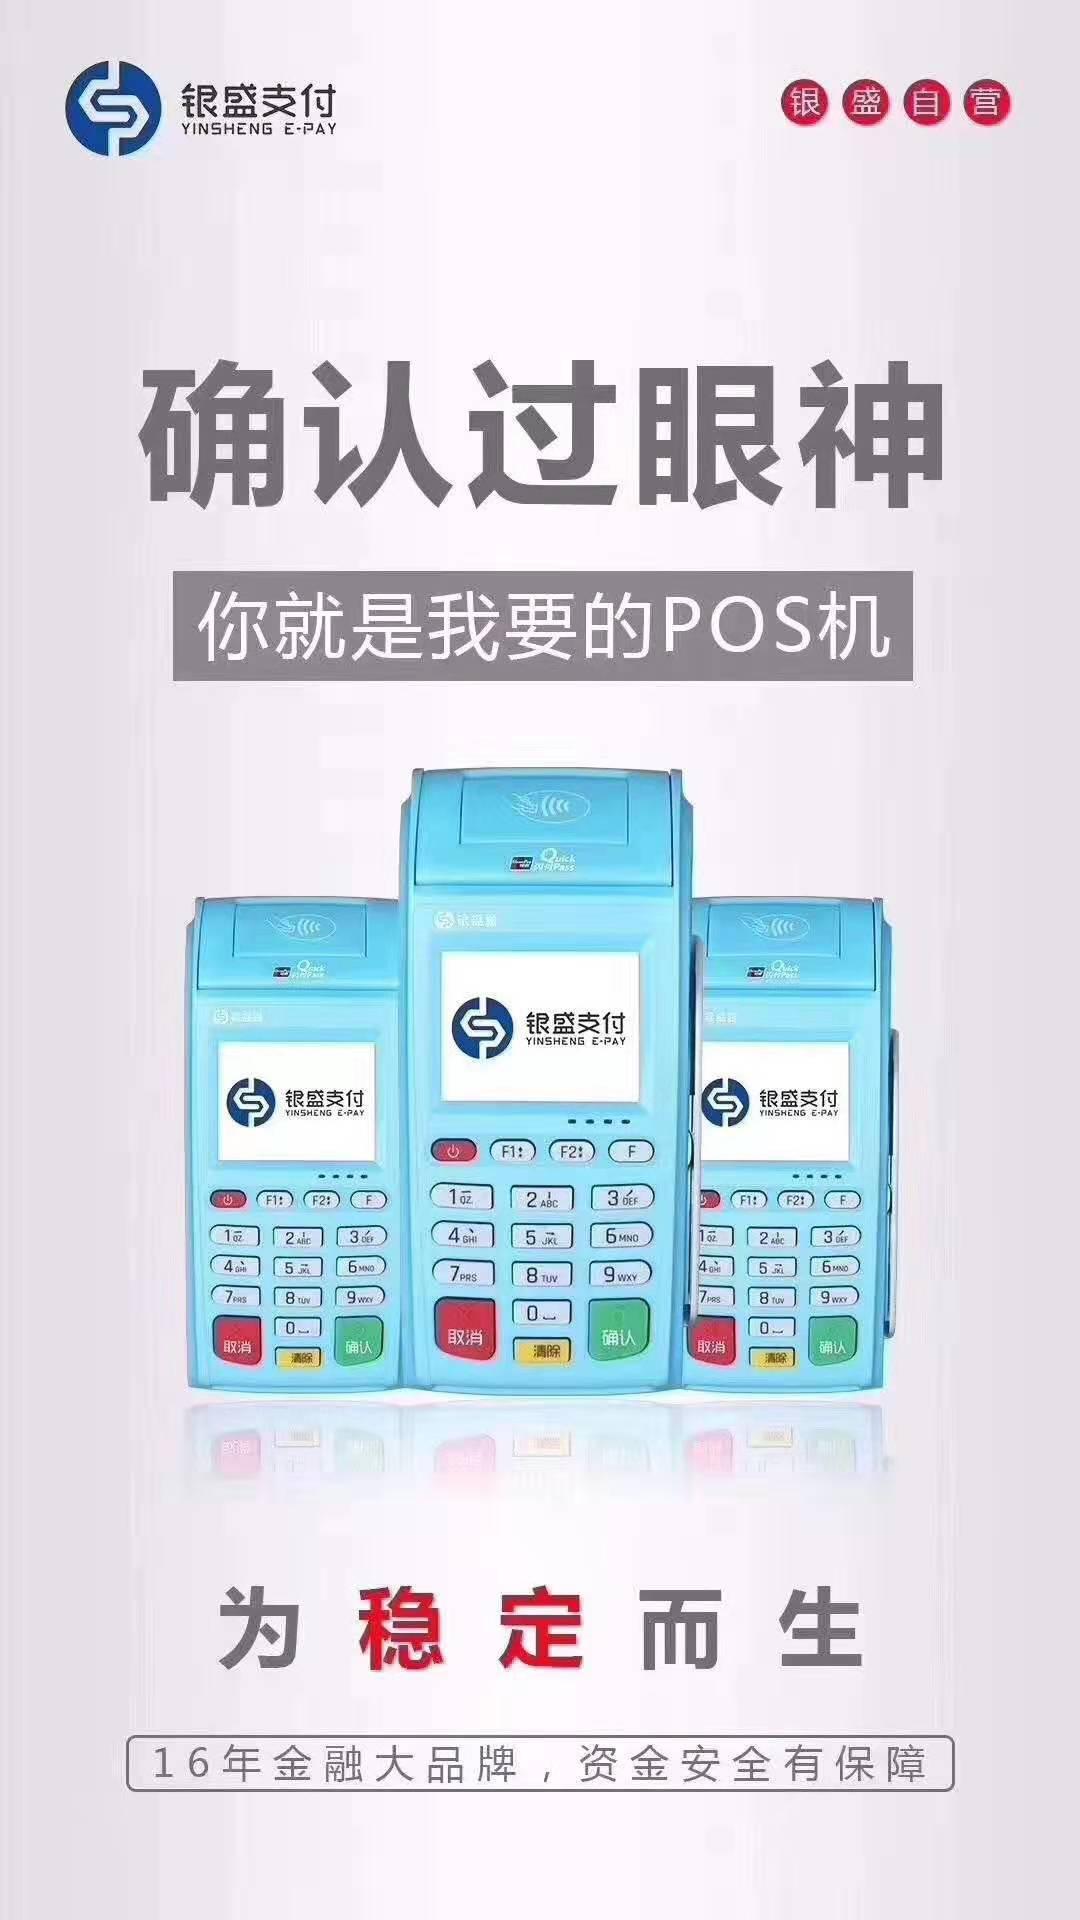 河南蘇亞電子刷臉支付移動pos無押金低成本招商加盟